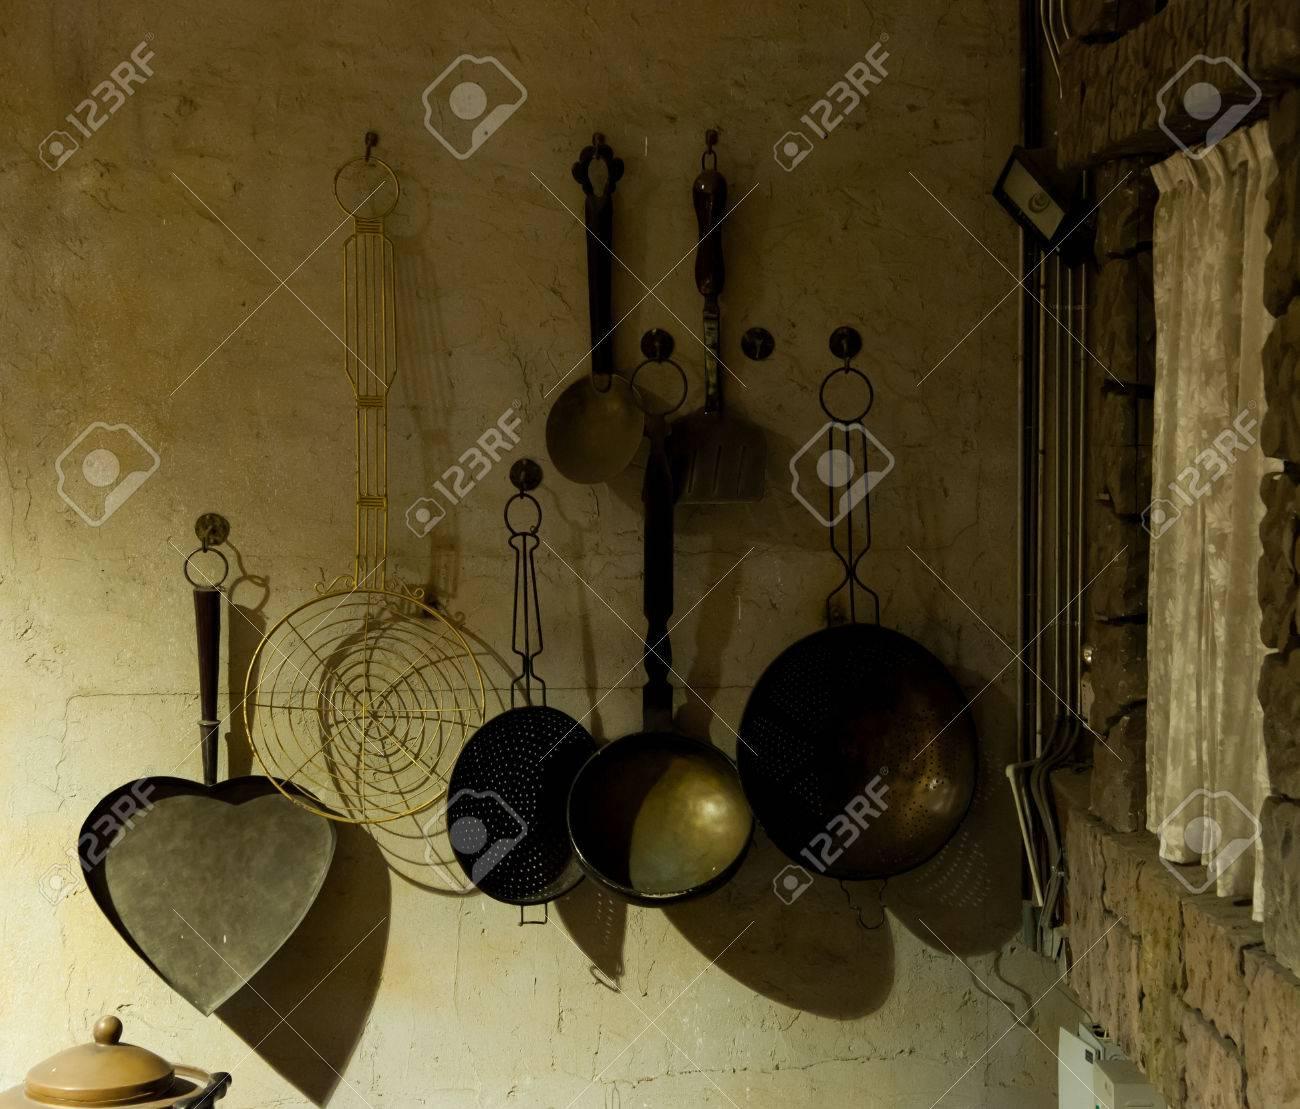 Vecchi Utensili Da Cucina. Lotto Vecchi Attrezzi With Vecchi ...